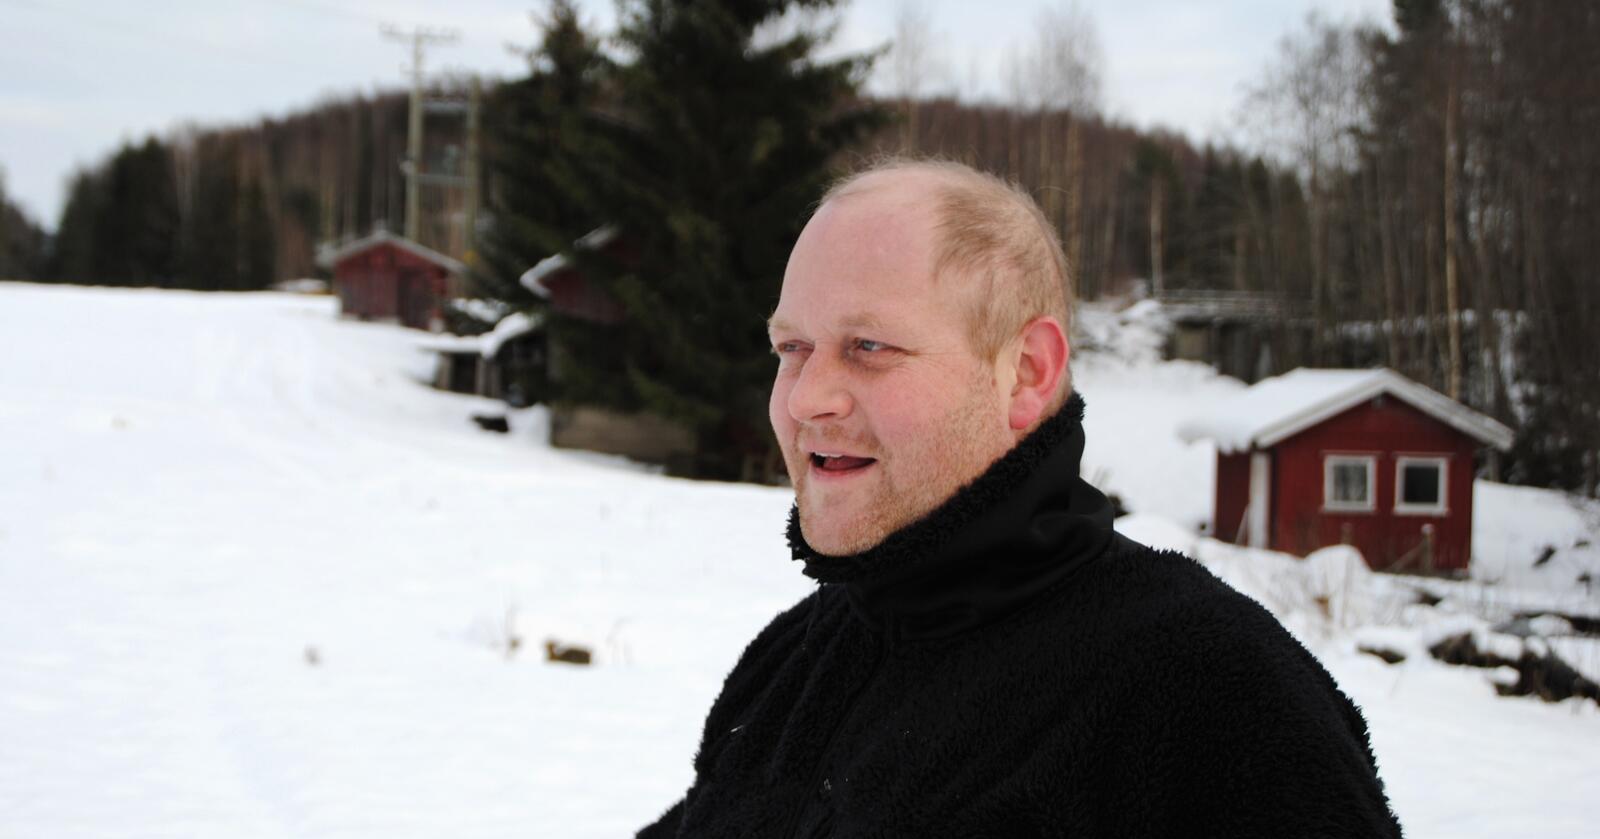 Ivar Kolbjørn Amundgaard fra Arneberg i Åsnes kommune installerte solceller på fjøstaket i fjor sommer. Foto: Lars Bilit Hagen